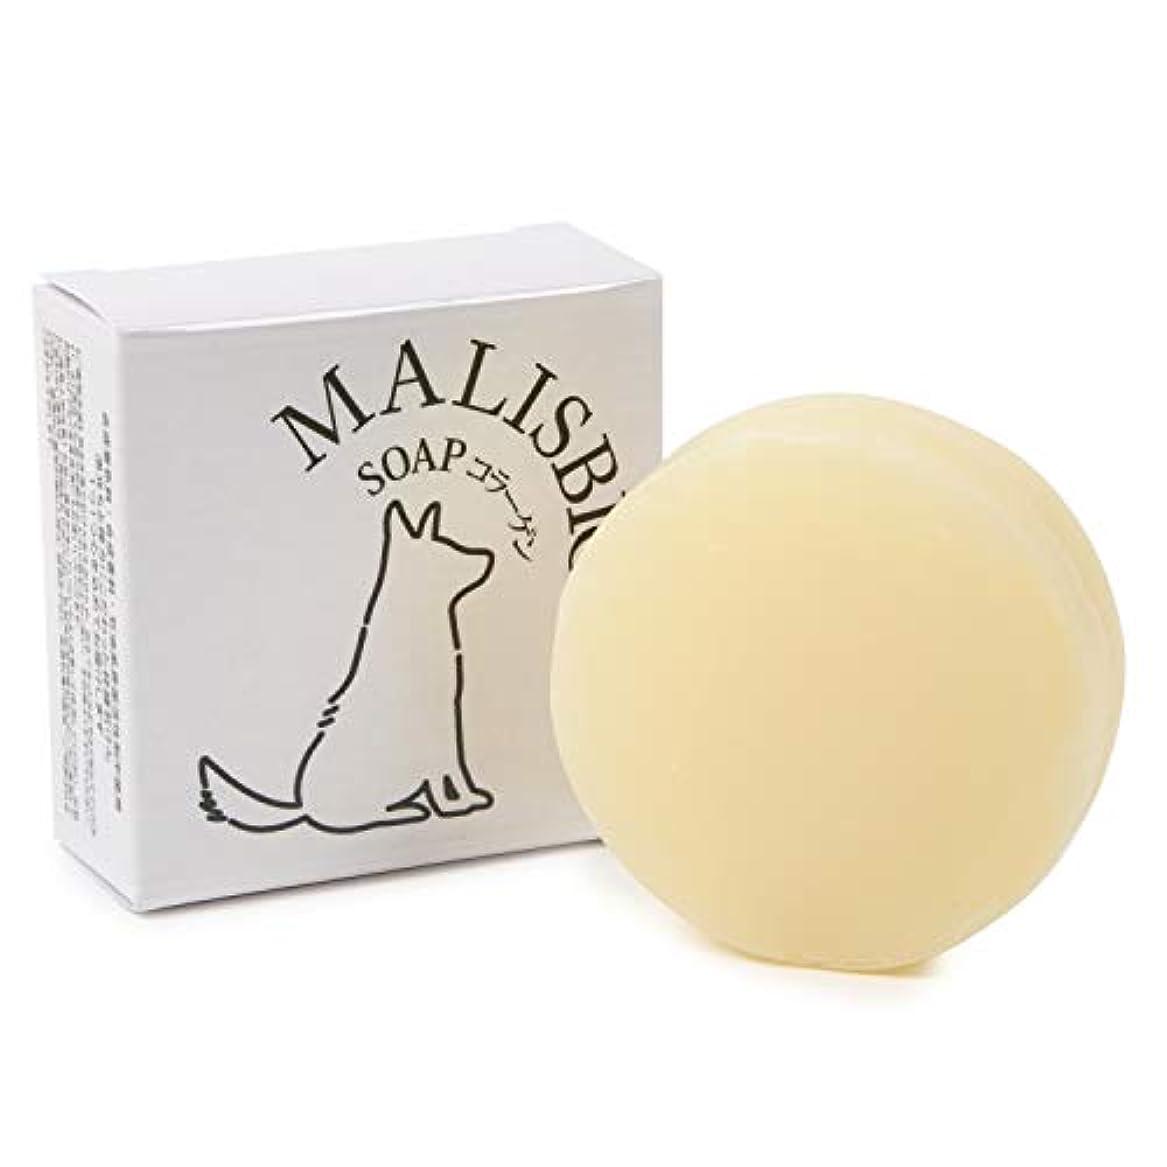 類似性文明ばかコラーゲンソープ 洗顔石鹸 固形 無添加 お肌に優しい成分のみ 敏感肌 毛穴にも 日本製 マリスビオ